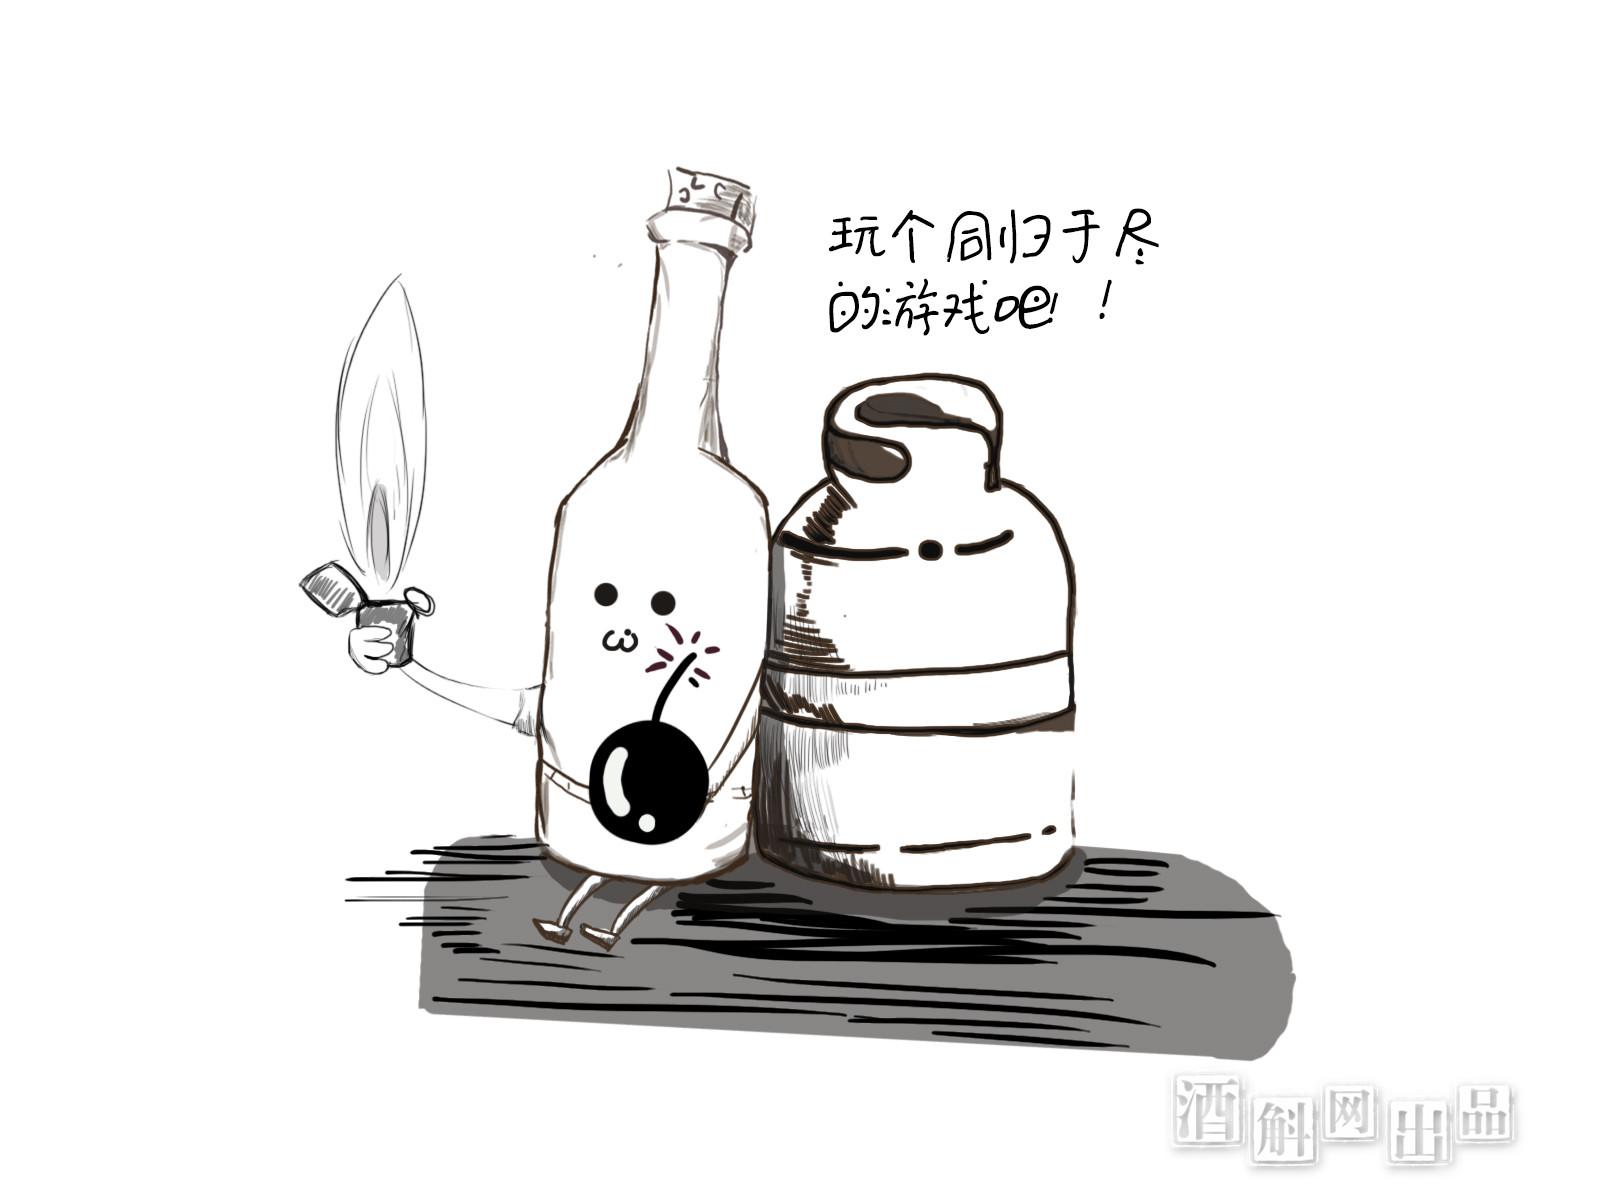 葡萄酒的N种死法,都见过你也是够背的